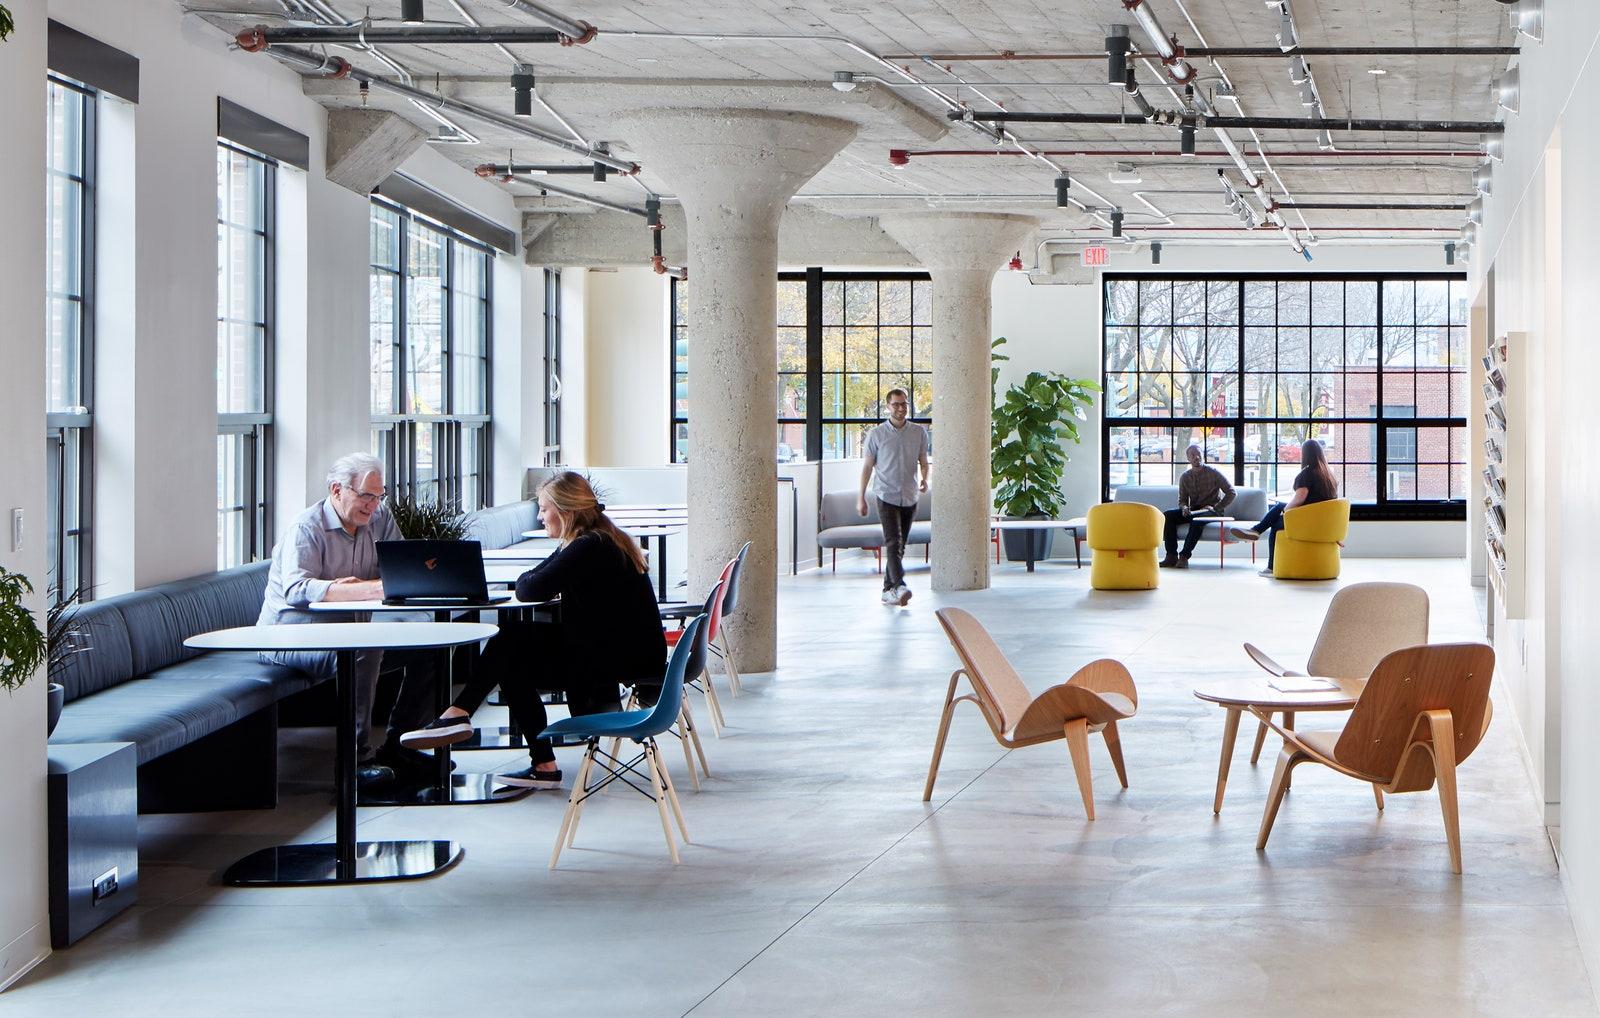 bureaux de style déco scandinave exemple MDO